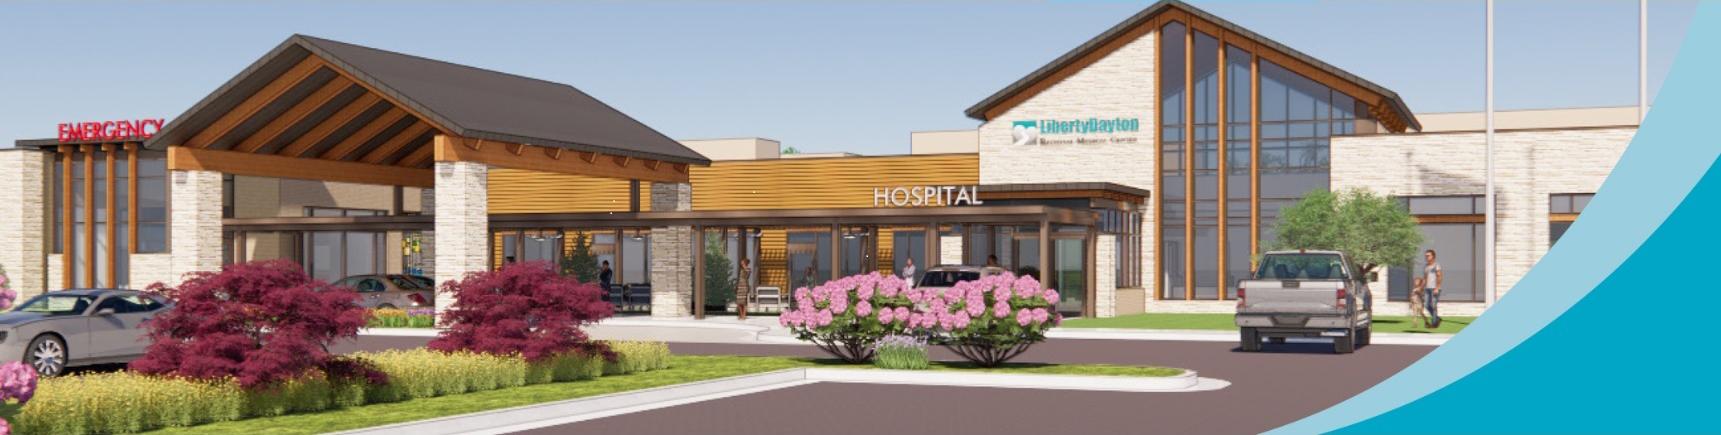 LCHD-NewHospital.jpg